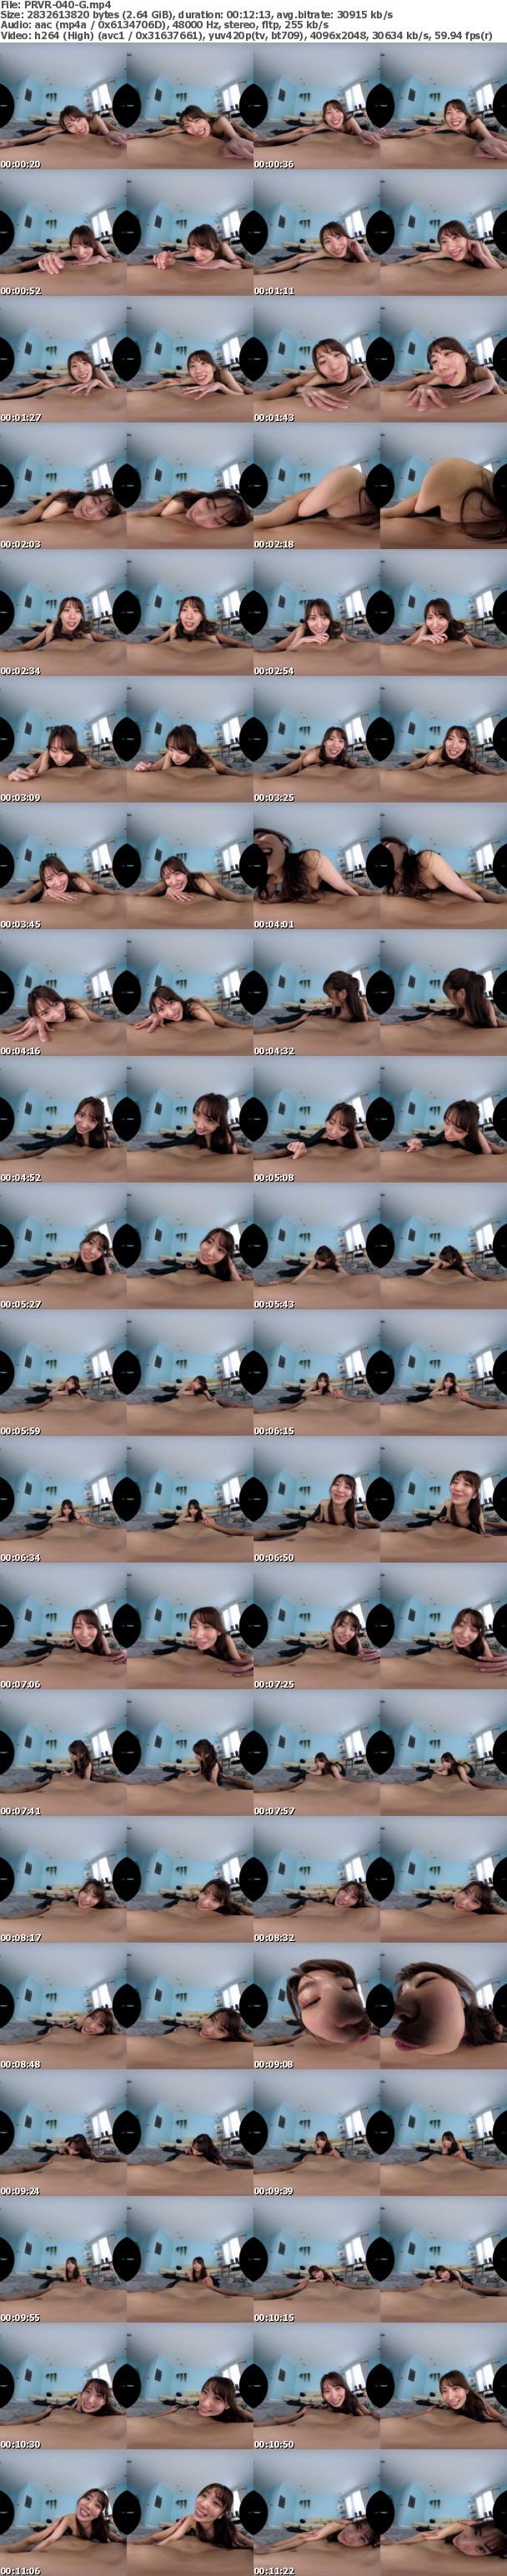 (VR) PRVR-040 【HQ超高画質】山岸逢花、約1年半ぶりの単独VR!いちゃいちゃ新婚子作り体験をアナタと…! 長尺175分!7チャプター愛撫もじっくり2SEX!フェラも中出しも超濃厚6射精!愛嬌抜群の逢パンを独り占め! 山岸逢花